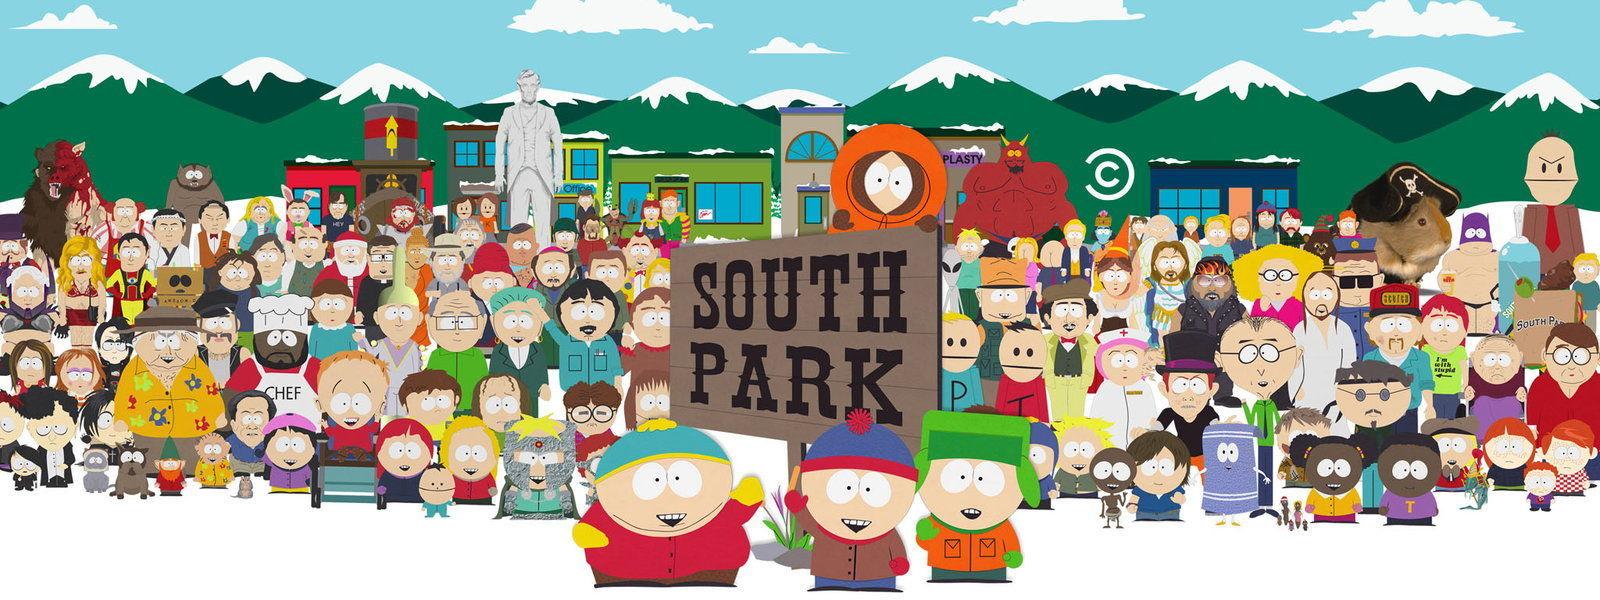 4740 - ¿Conoces a los personajes de South Park?